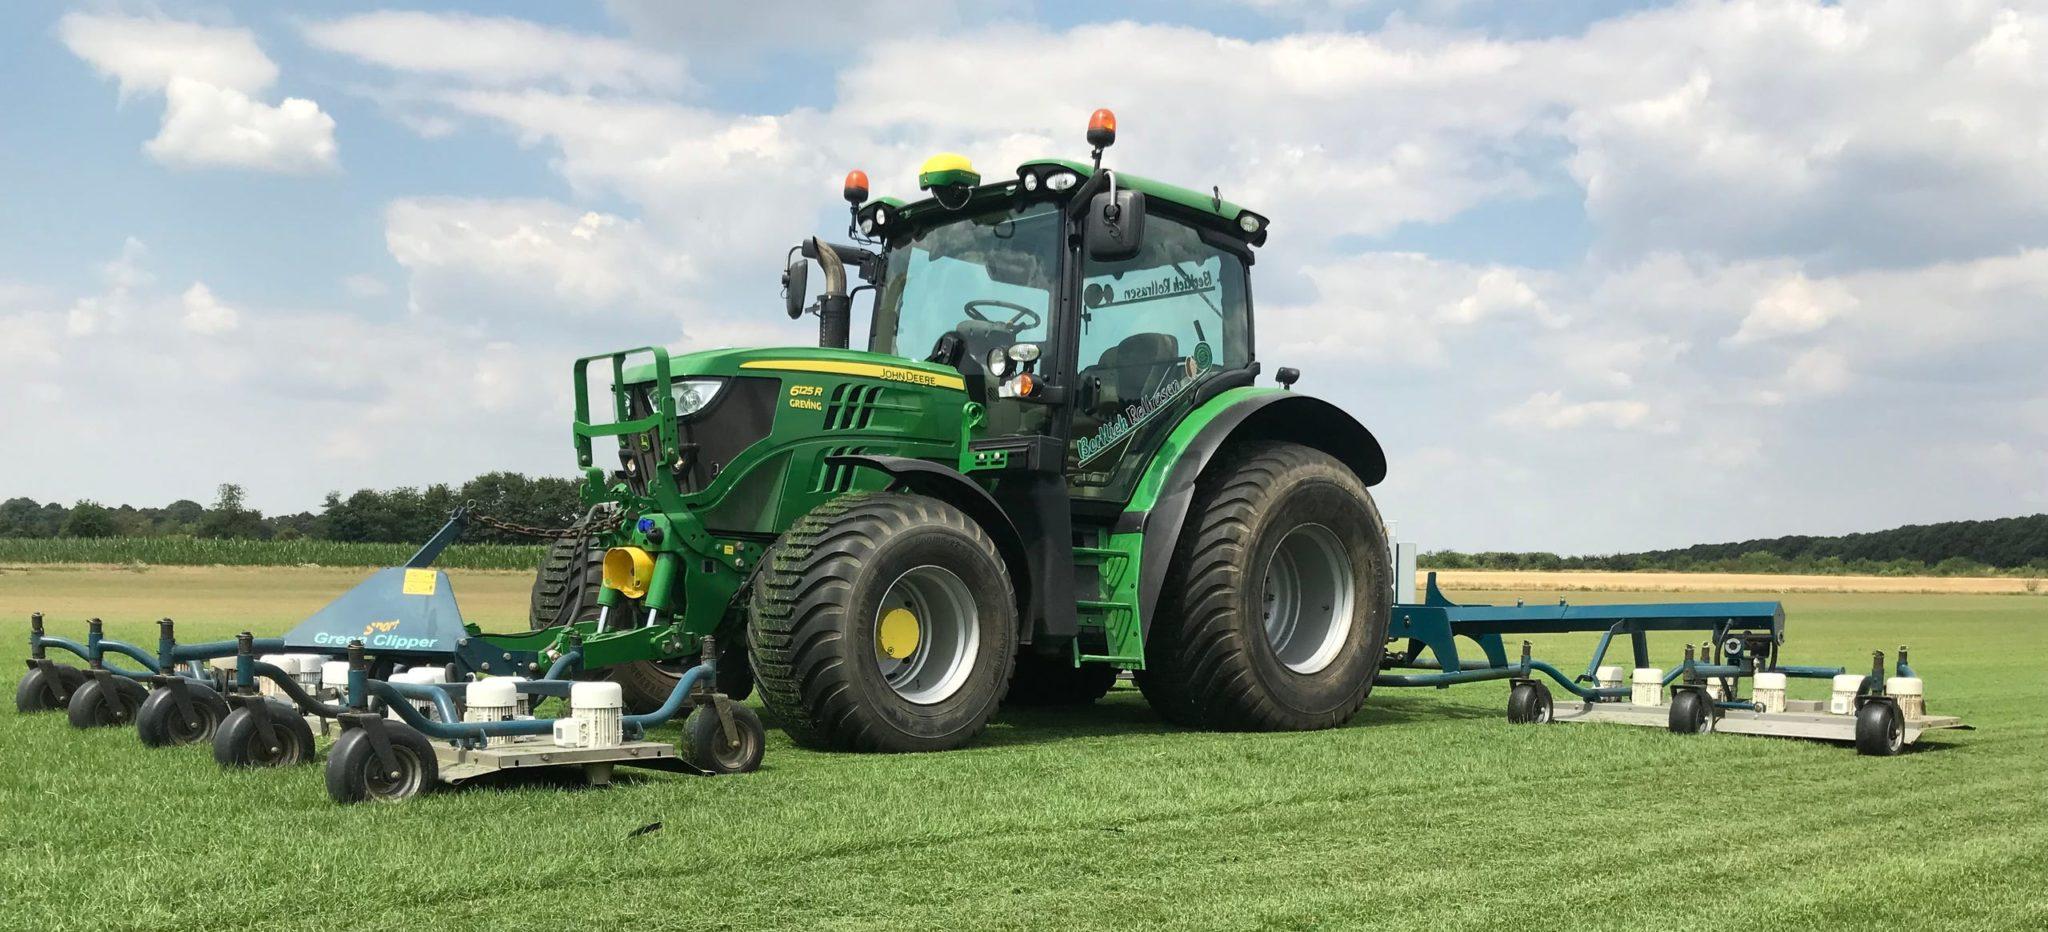 John Deere Rasenschnitt auf dem Rollrasen - Rasenmäher XXL